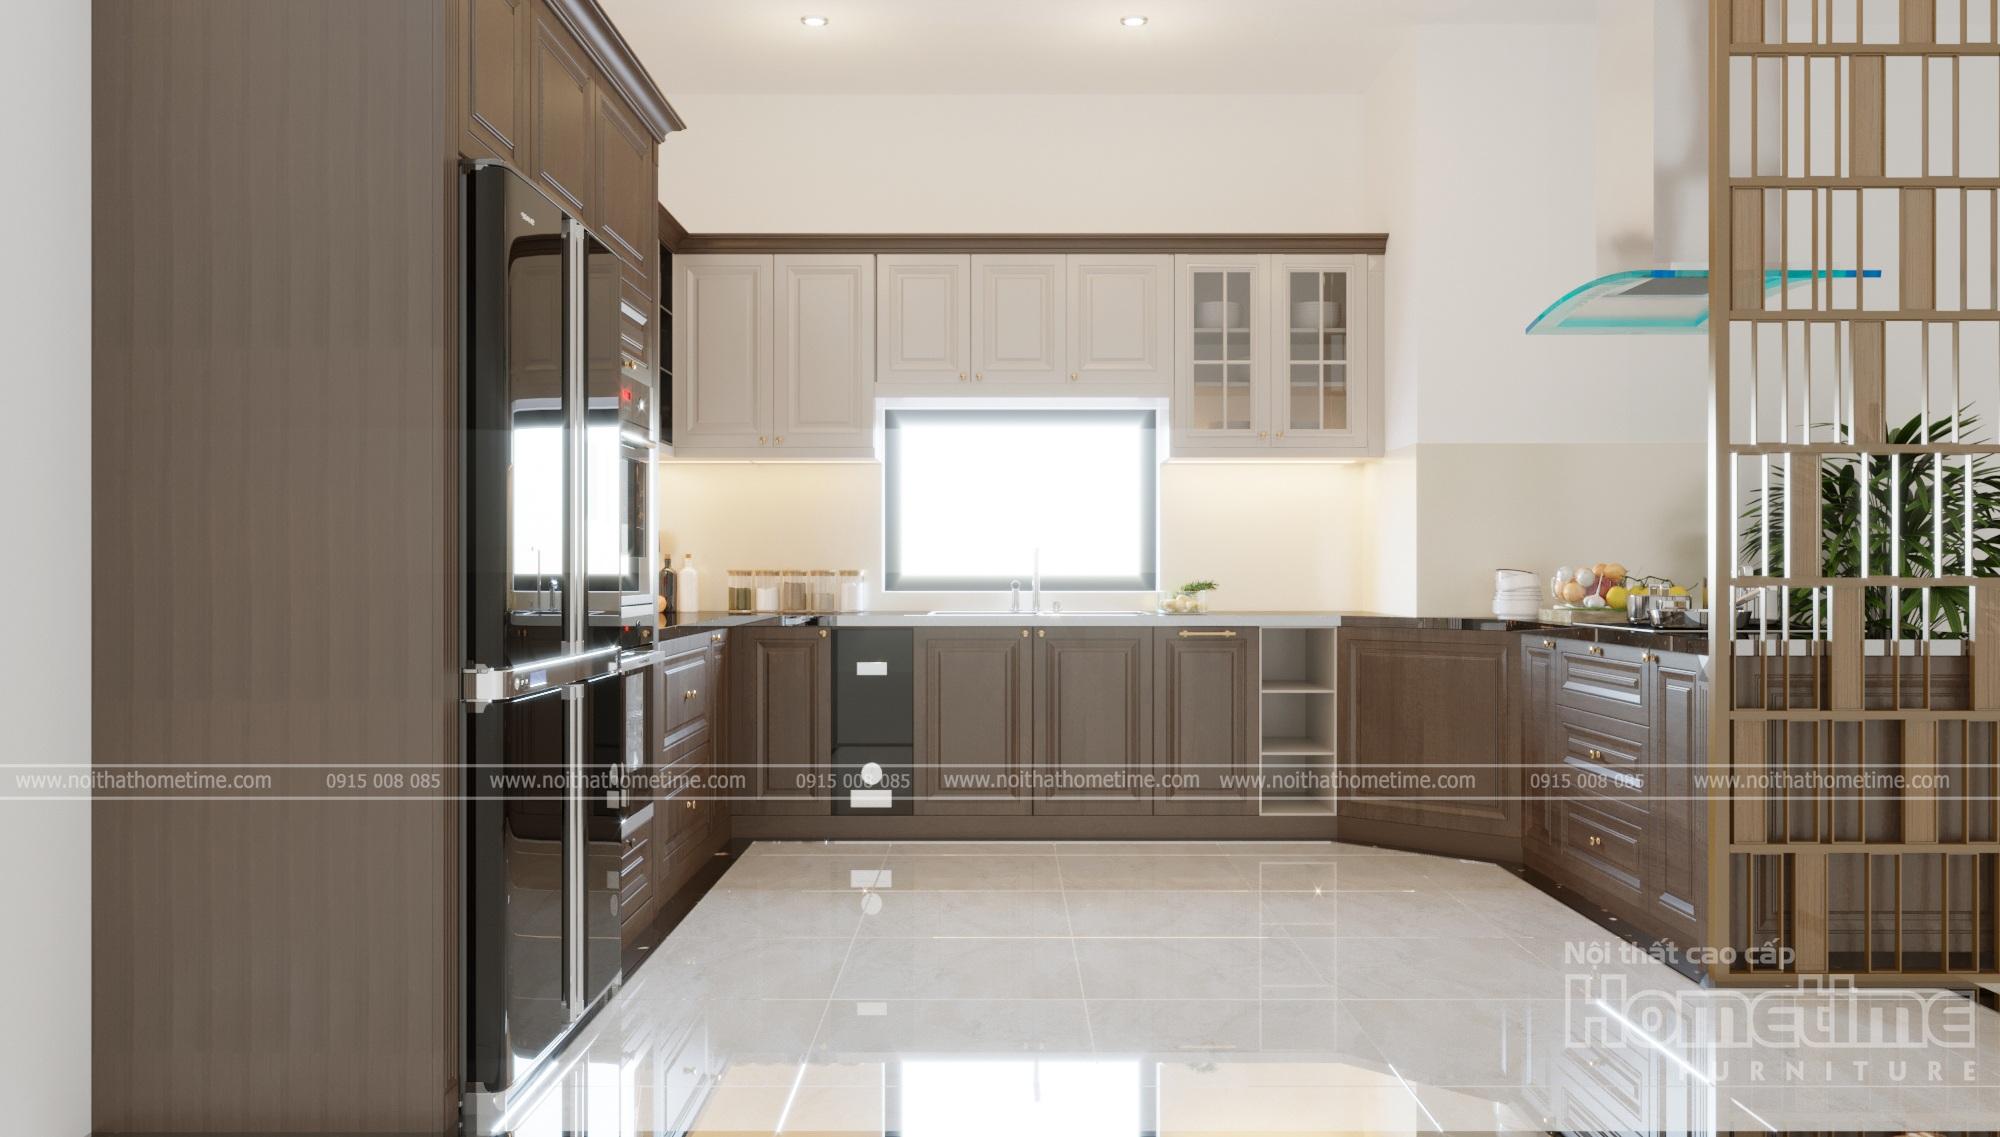 Tủ bếp với sự sắp xếp hợp lí, phù hợp với nhiều công năng